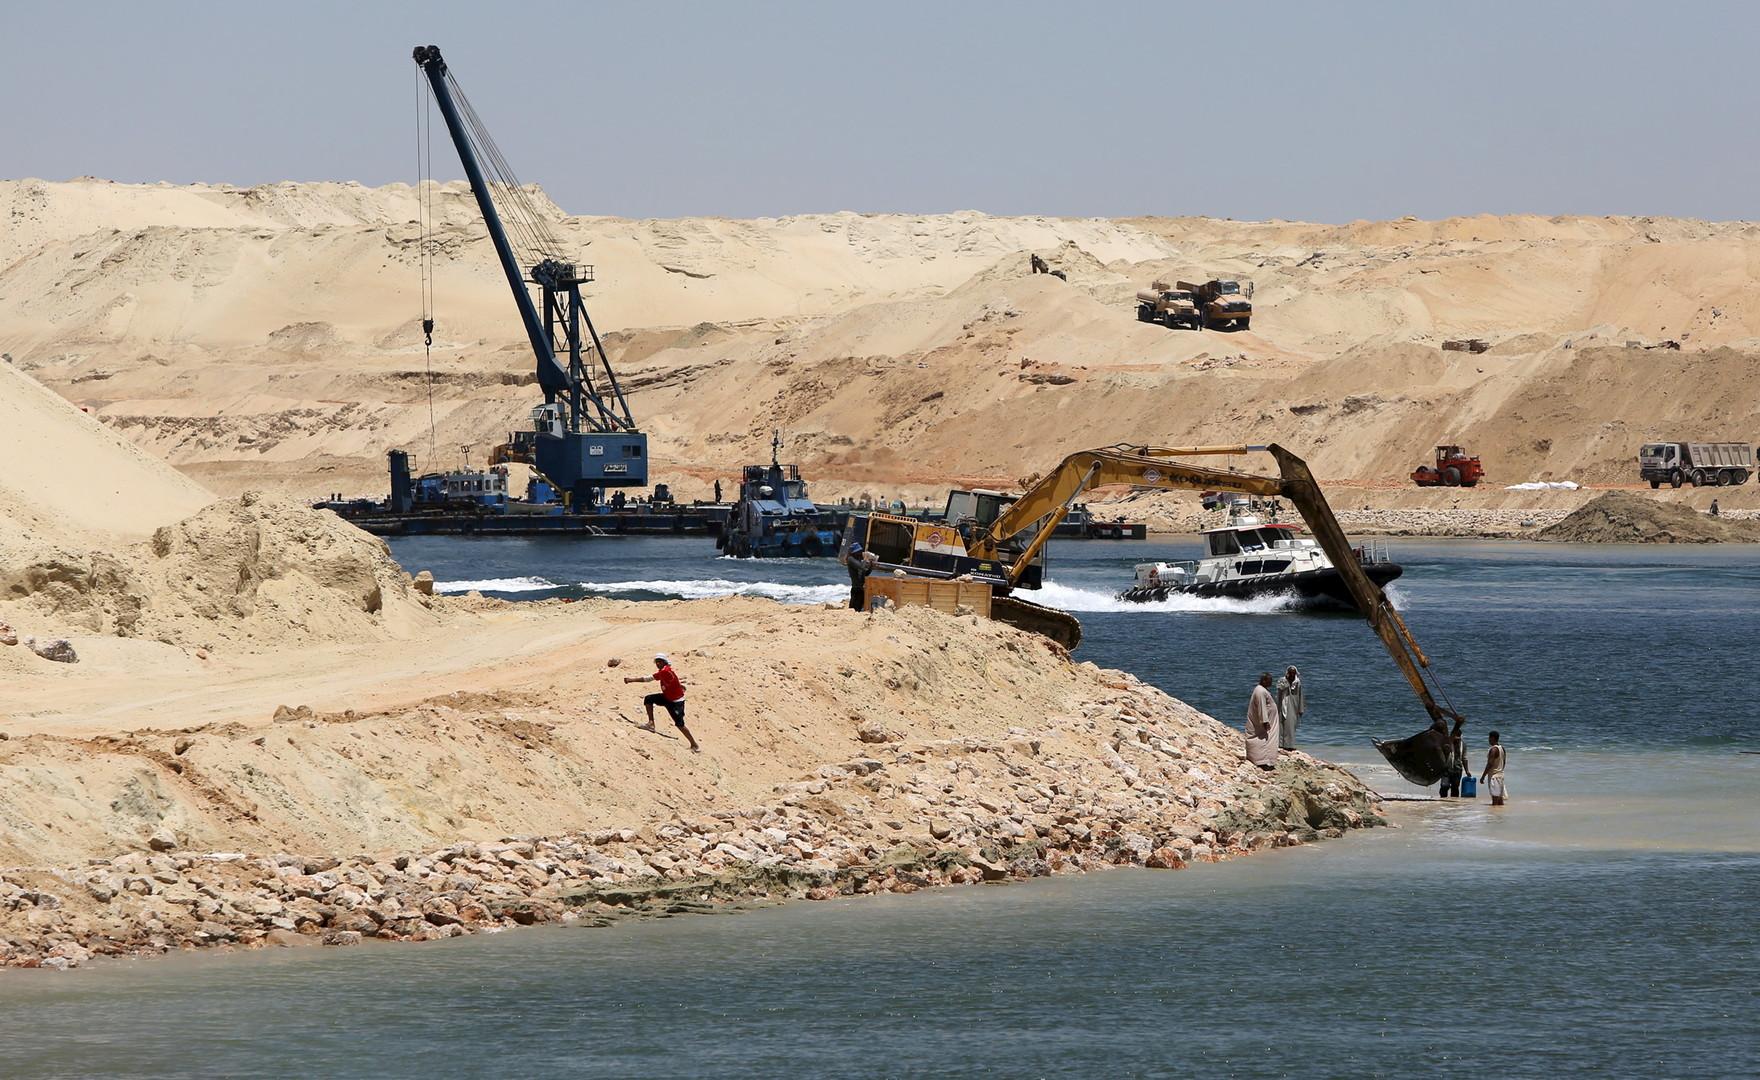 الرئيس المصري يصدر قرارا بالتنقيب عن البترول في خليج السويس